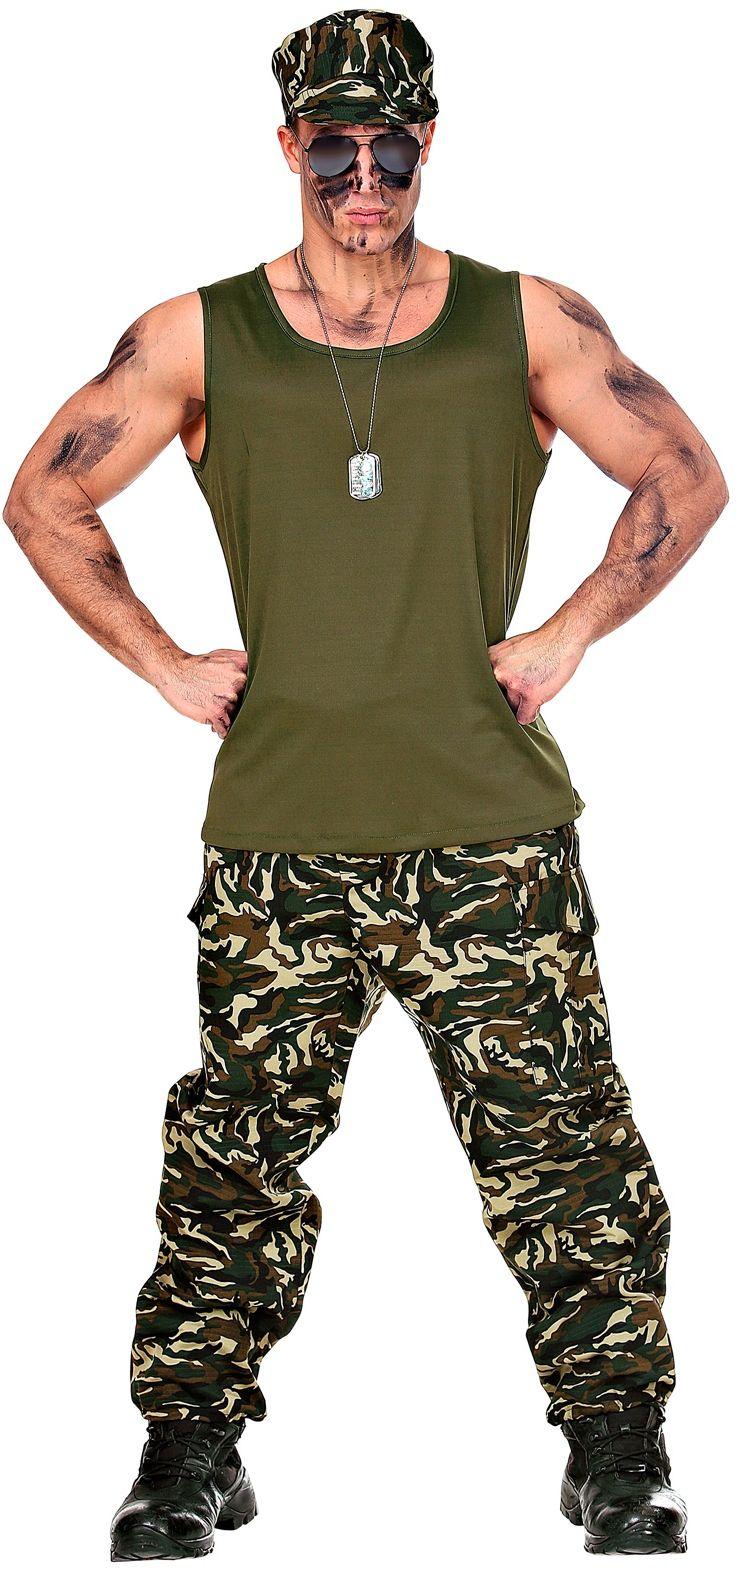 Soldaten broek en hemd man